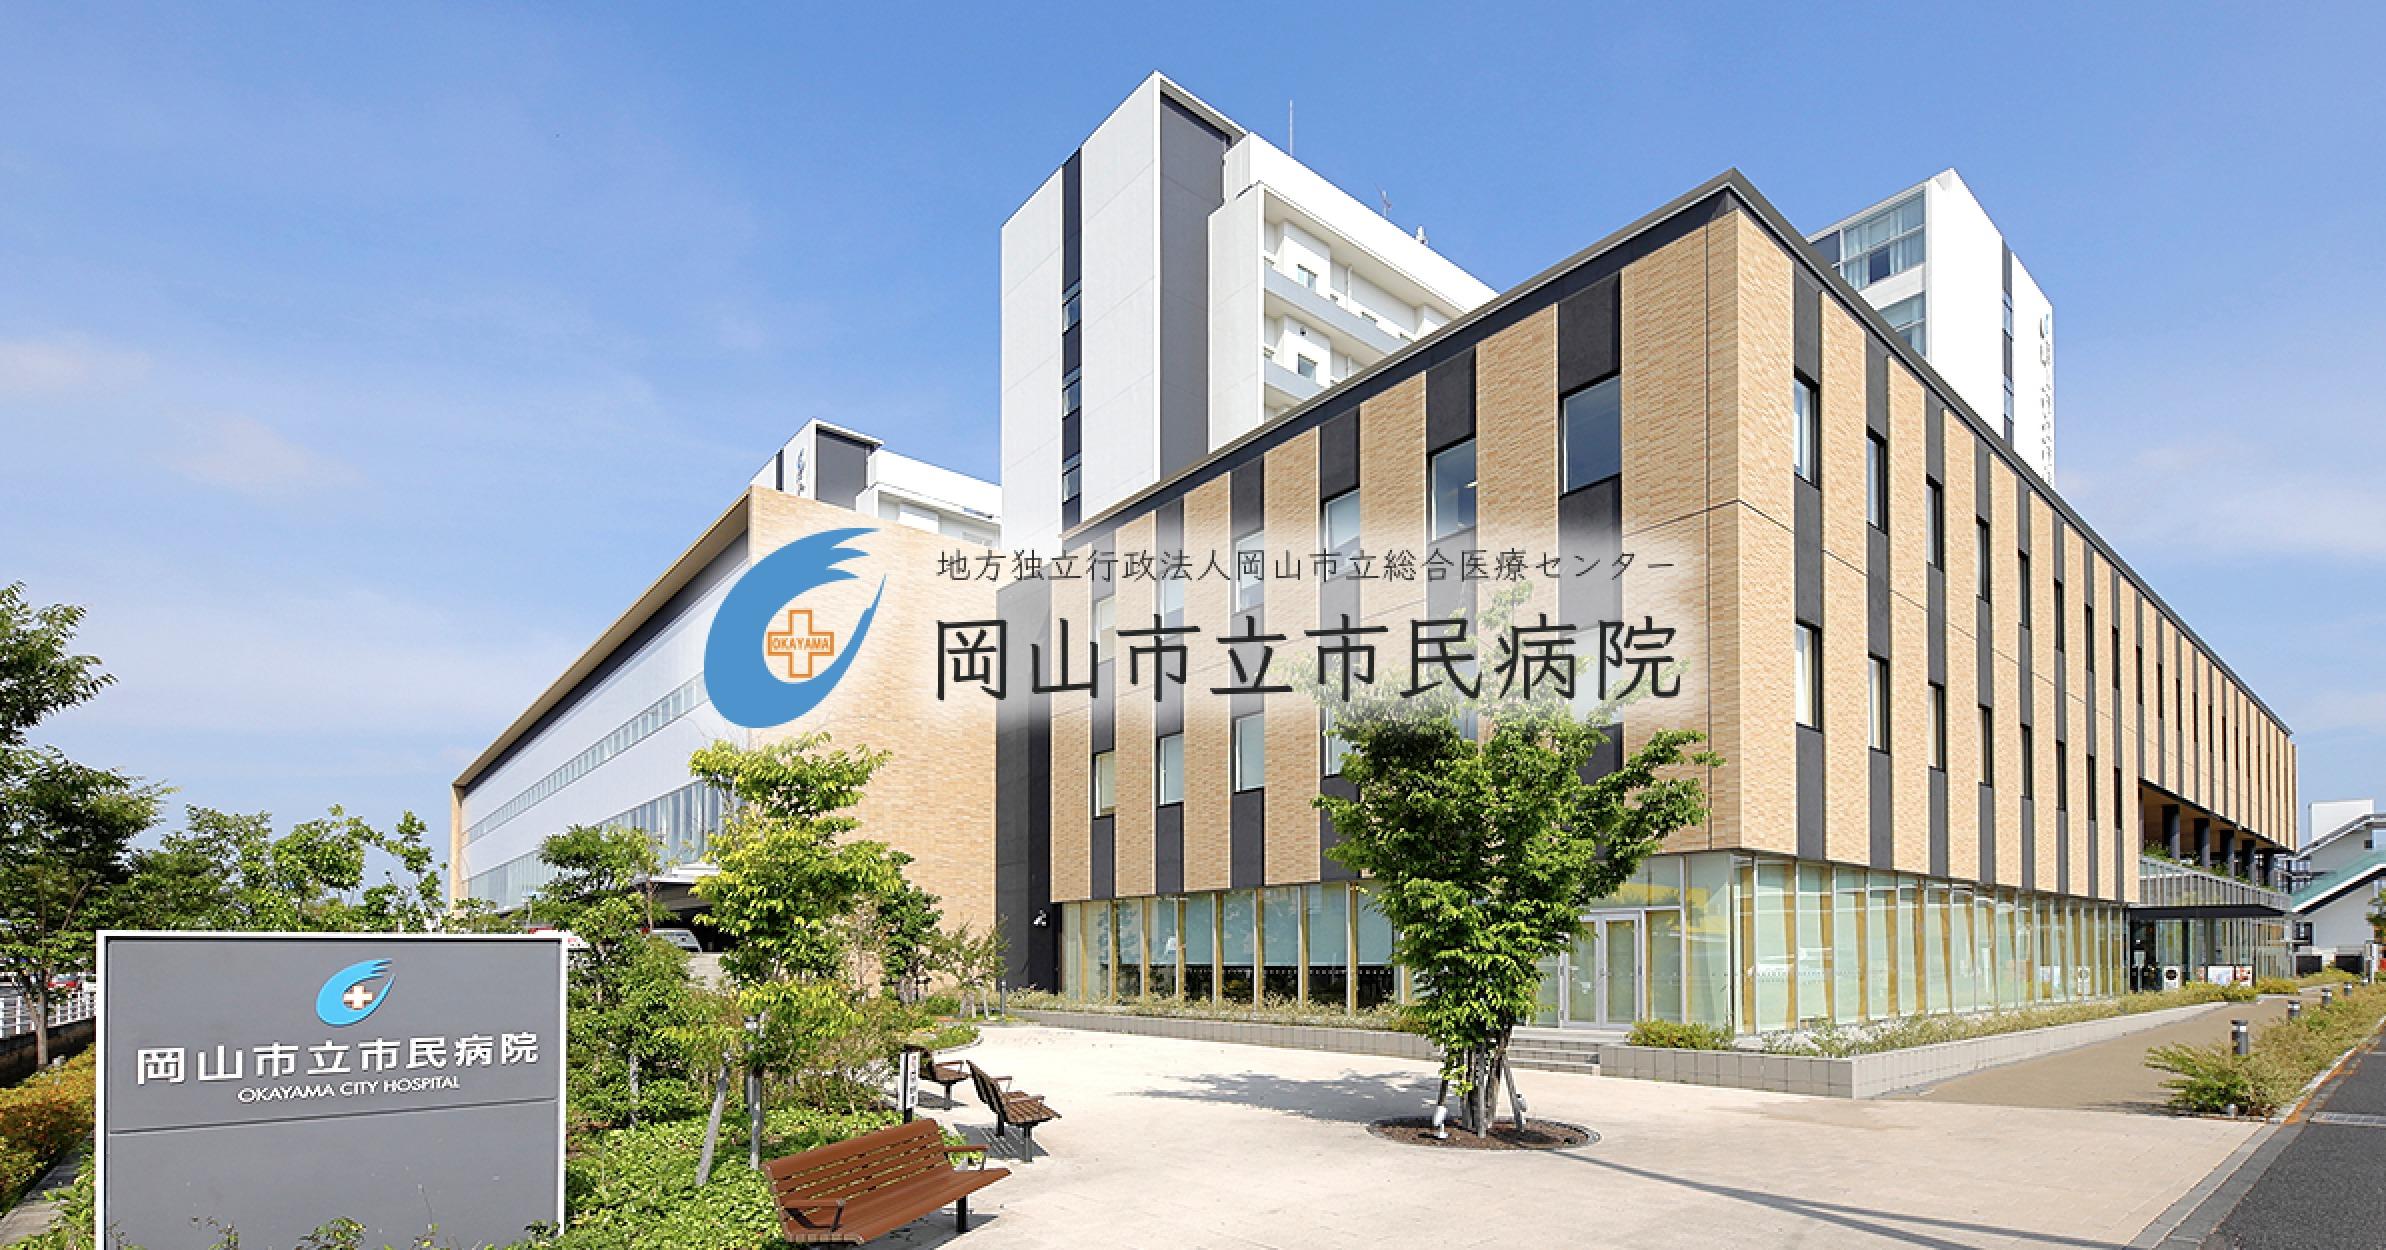 岡山市立市民病院の画像